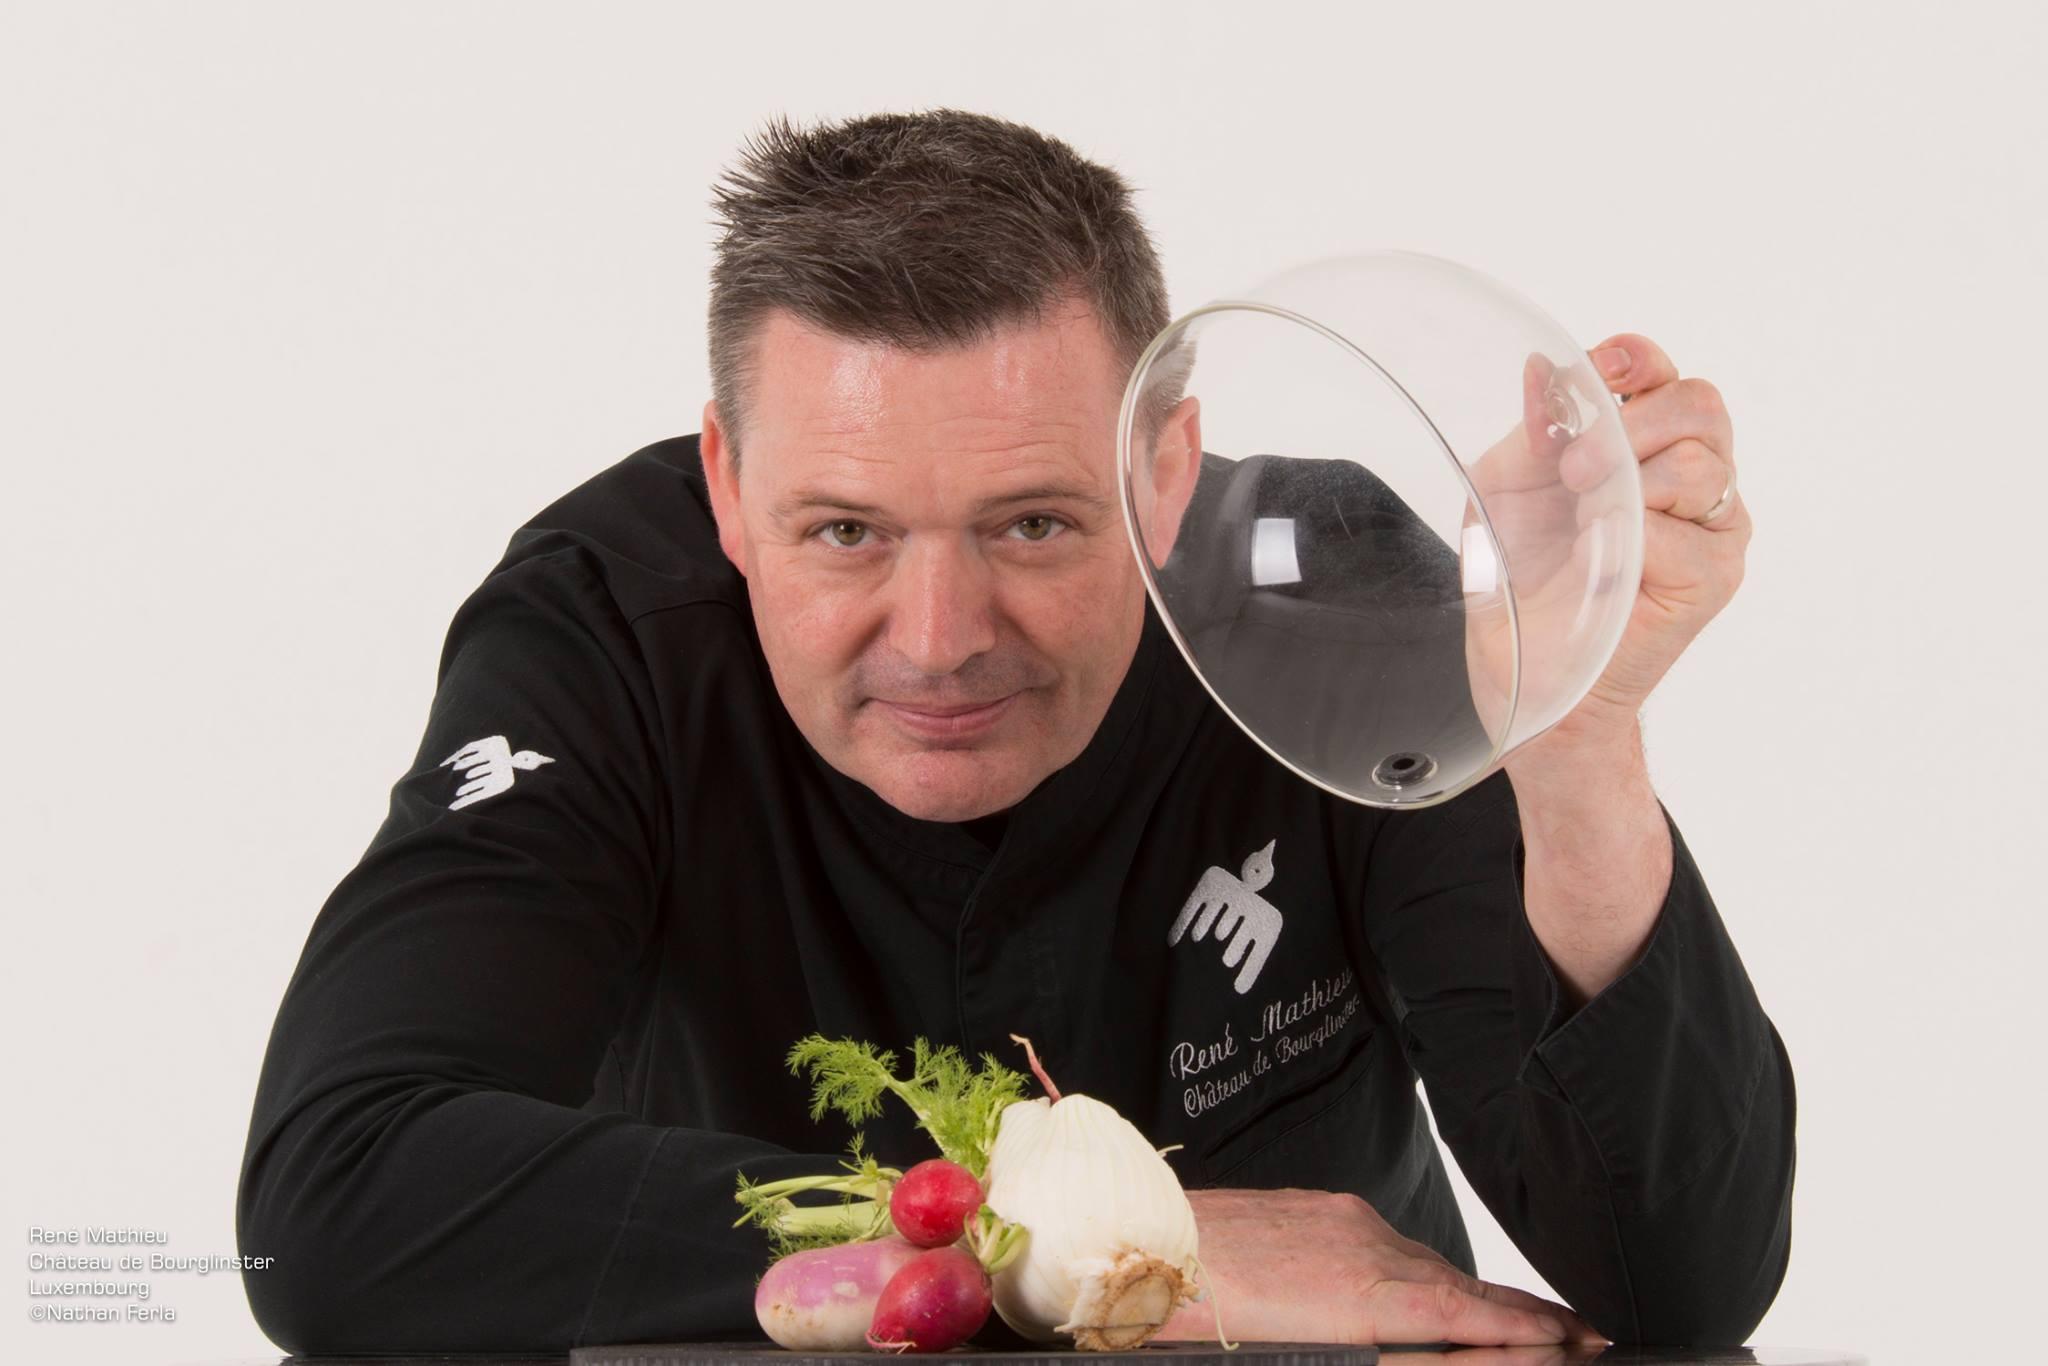 René mathieu chef étoilé à la Distillerie, meilleur restaurant végétal du monde !